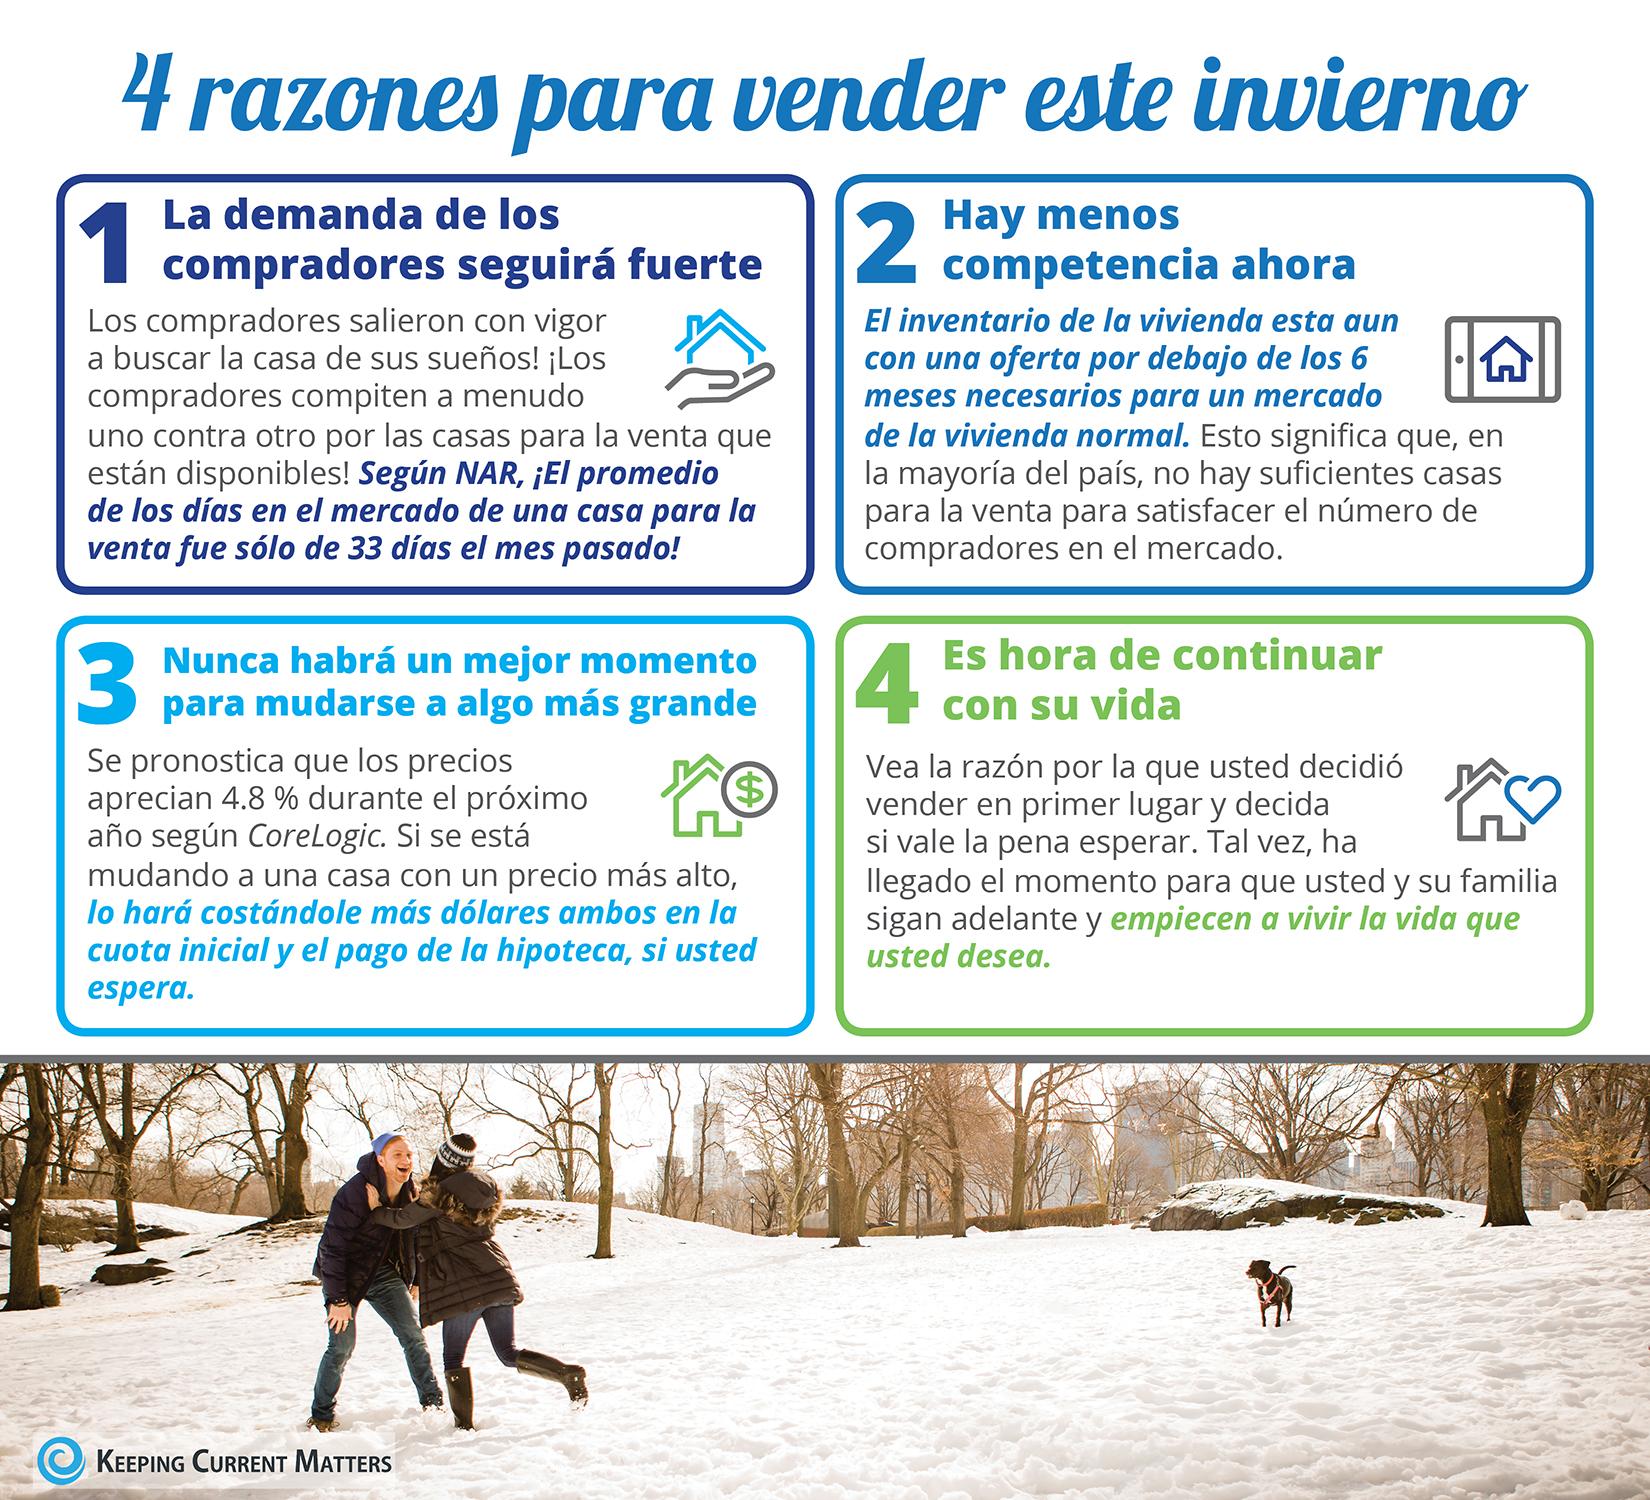 4 razones para vender su casa este invierno [Infografía] | Keeping Current Matters